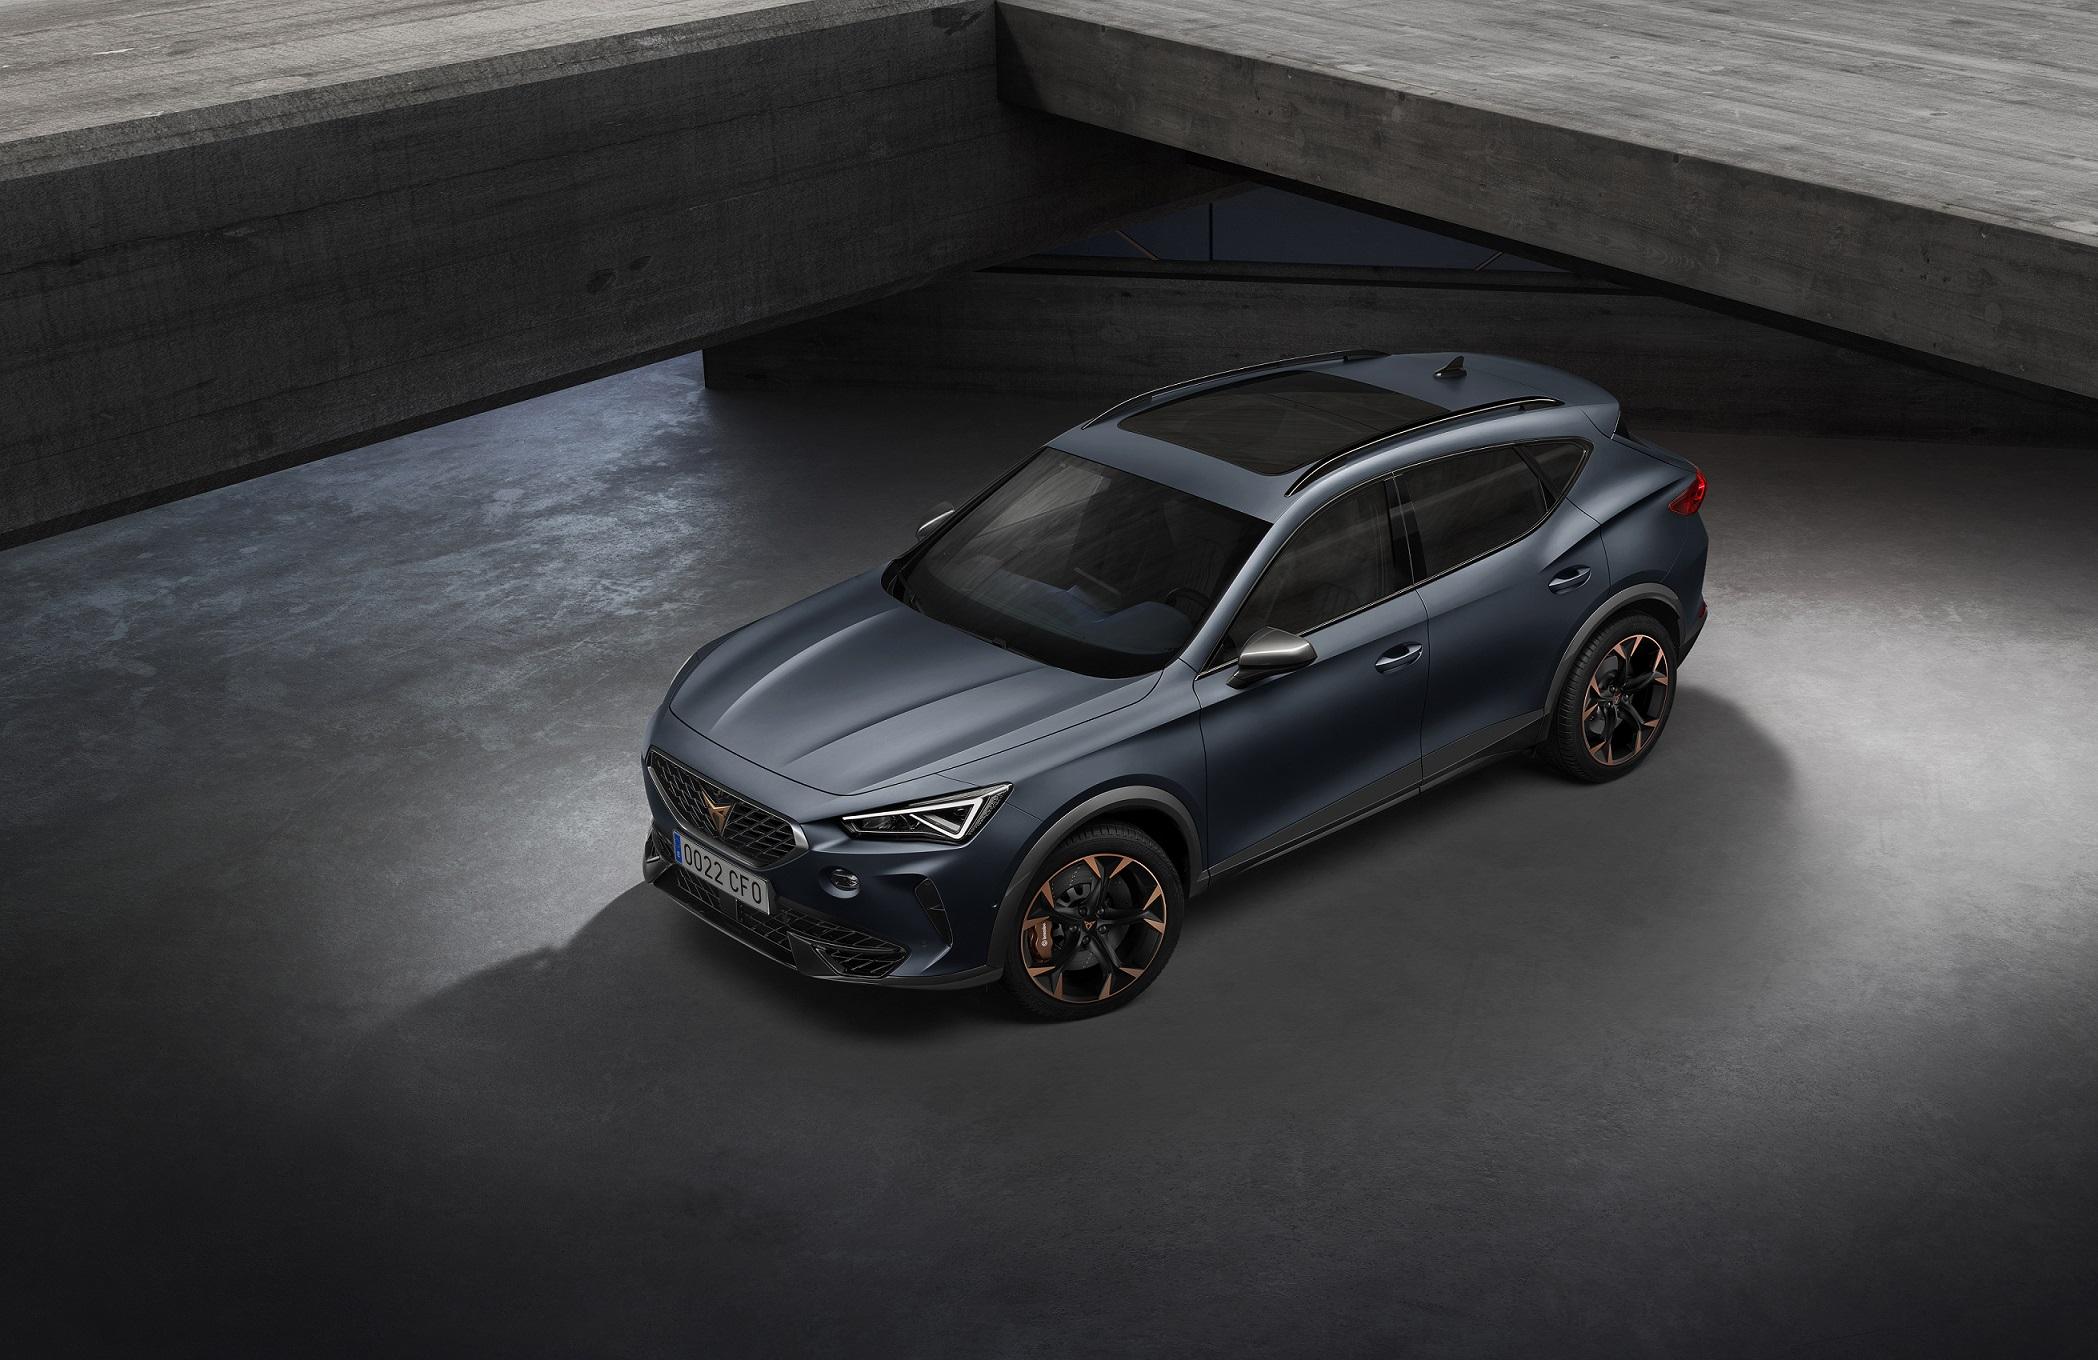 Na obrazku znajduje się model będący propozycją auta daily - Cupra Formentor.